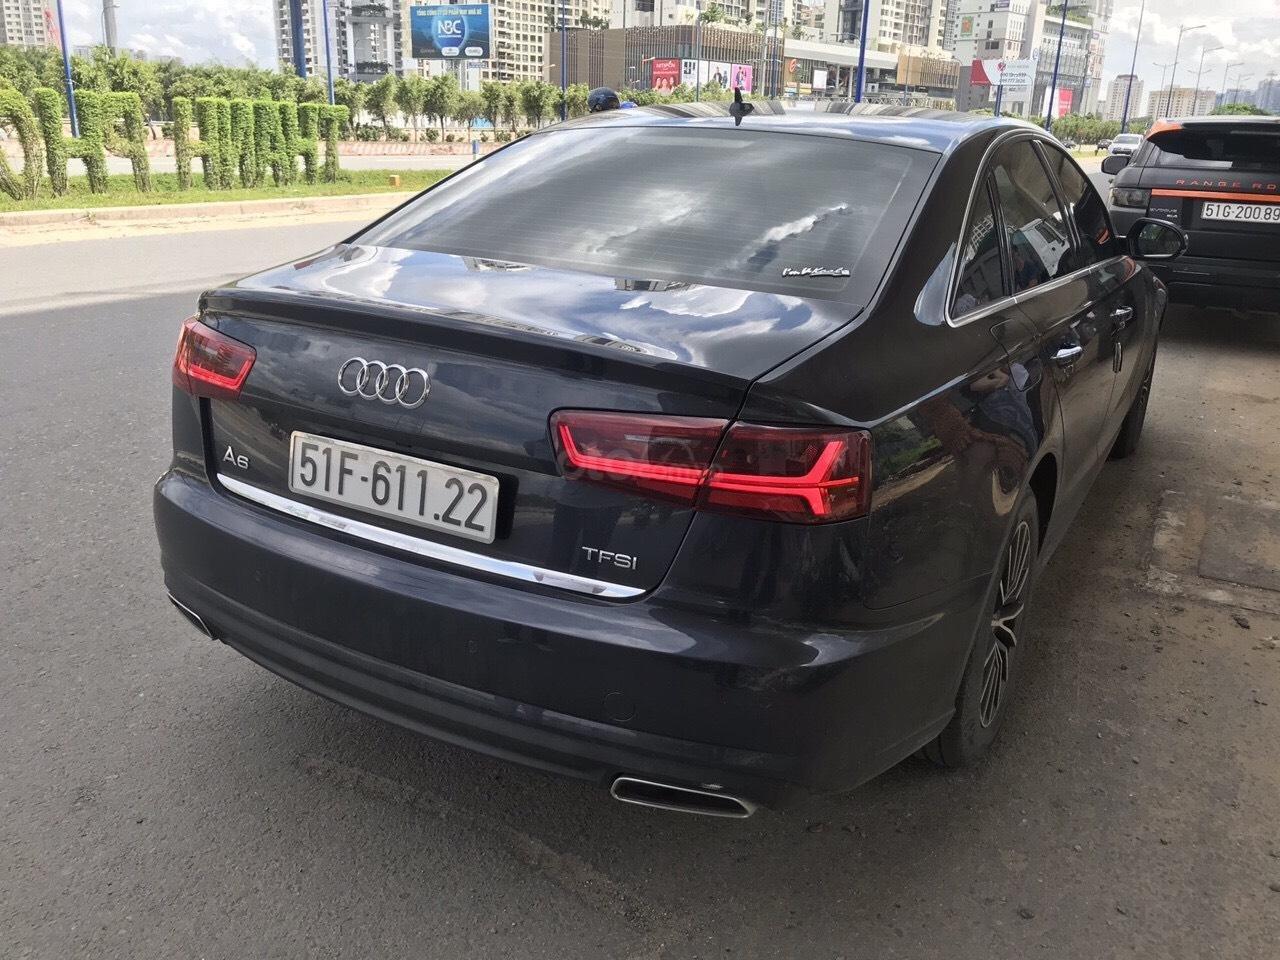 Bán Audi A6 2015 mẫu mới nhất, xe đẹp không lỗi, bao kiểm tra đâm đụng và ngập nước tại hãng-5